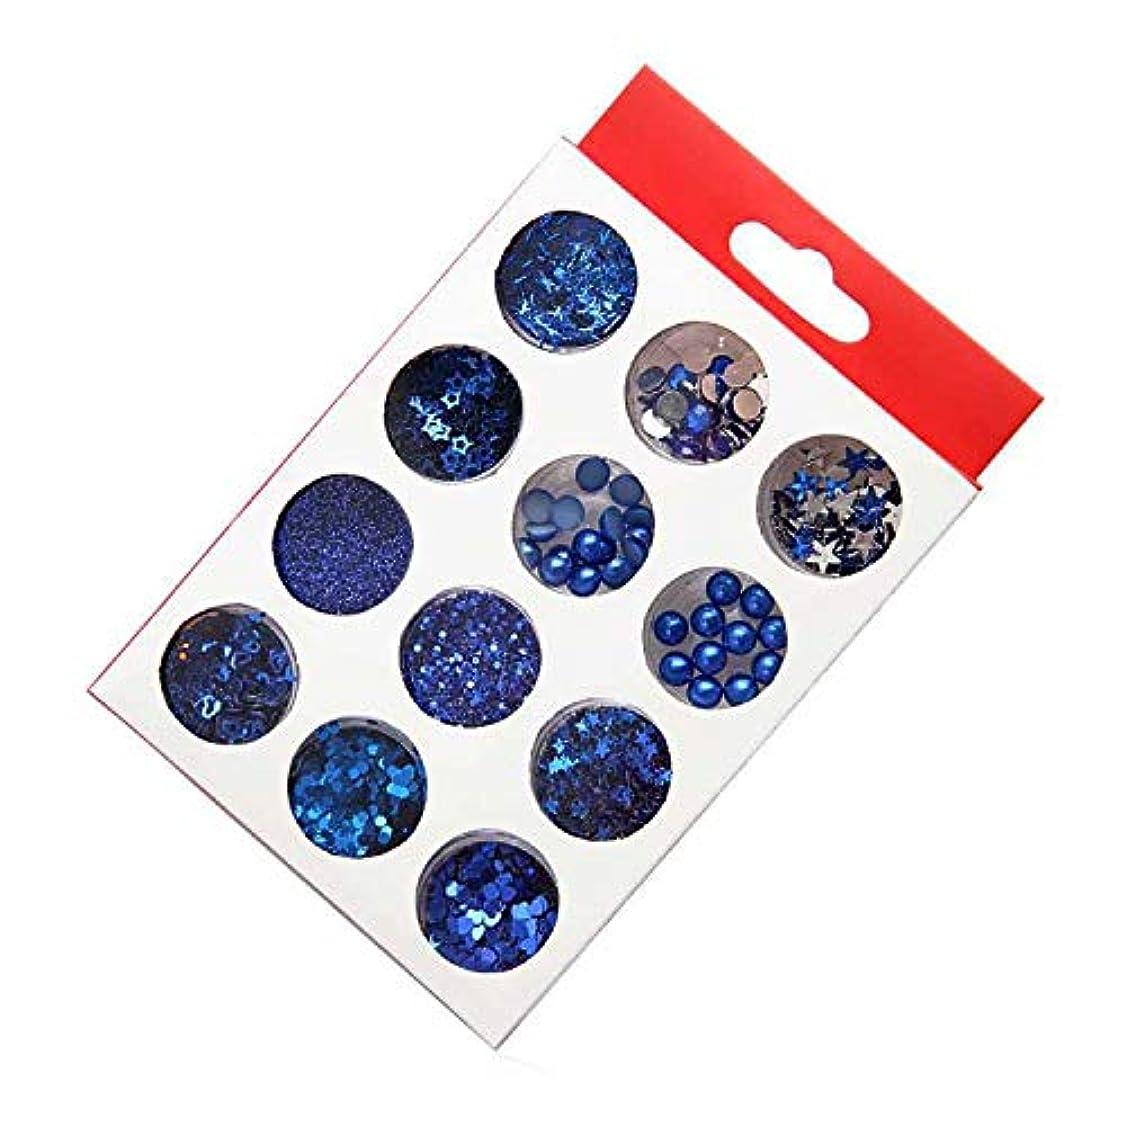 約コンパイル寝室12ピースレッドラウンドヘキサゴンネイルフレークキラキラスパンコールキラキラホログラフィック装飾アート,dark blue